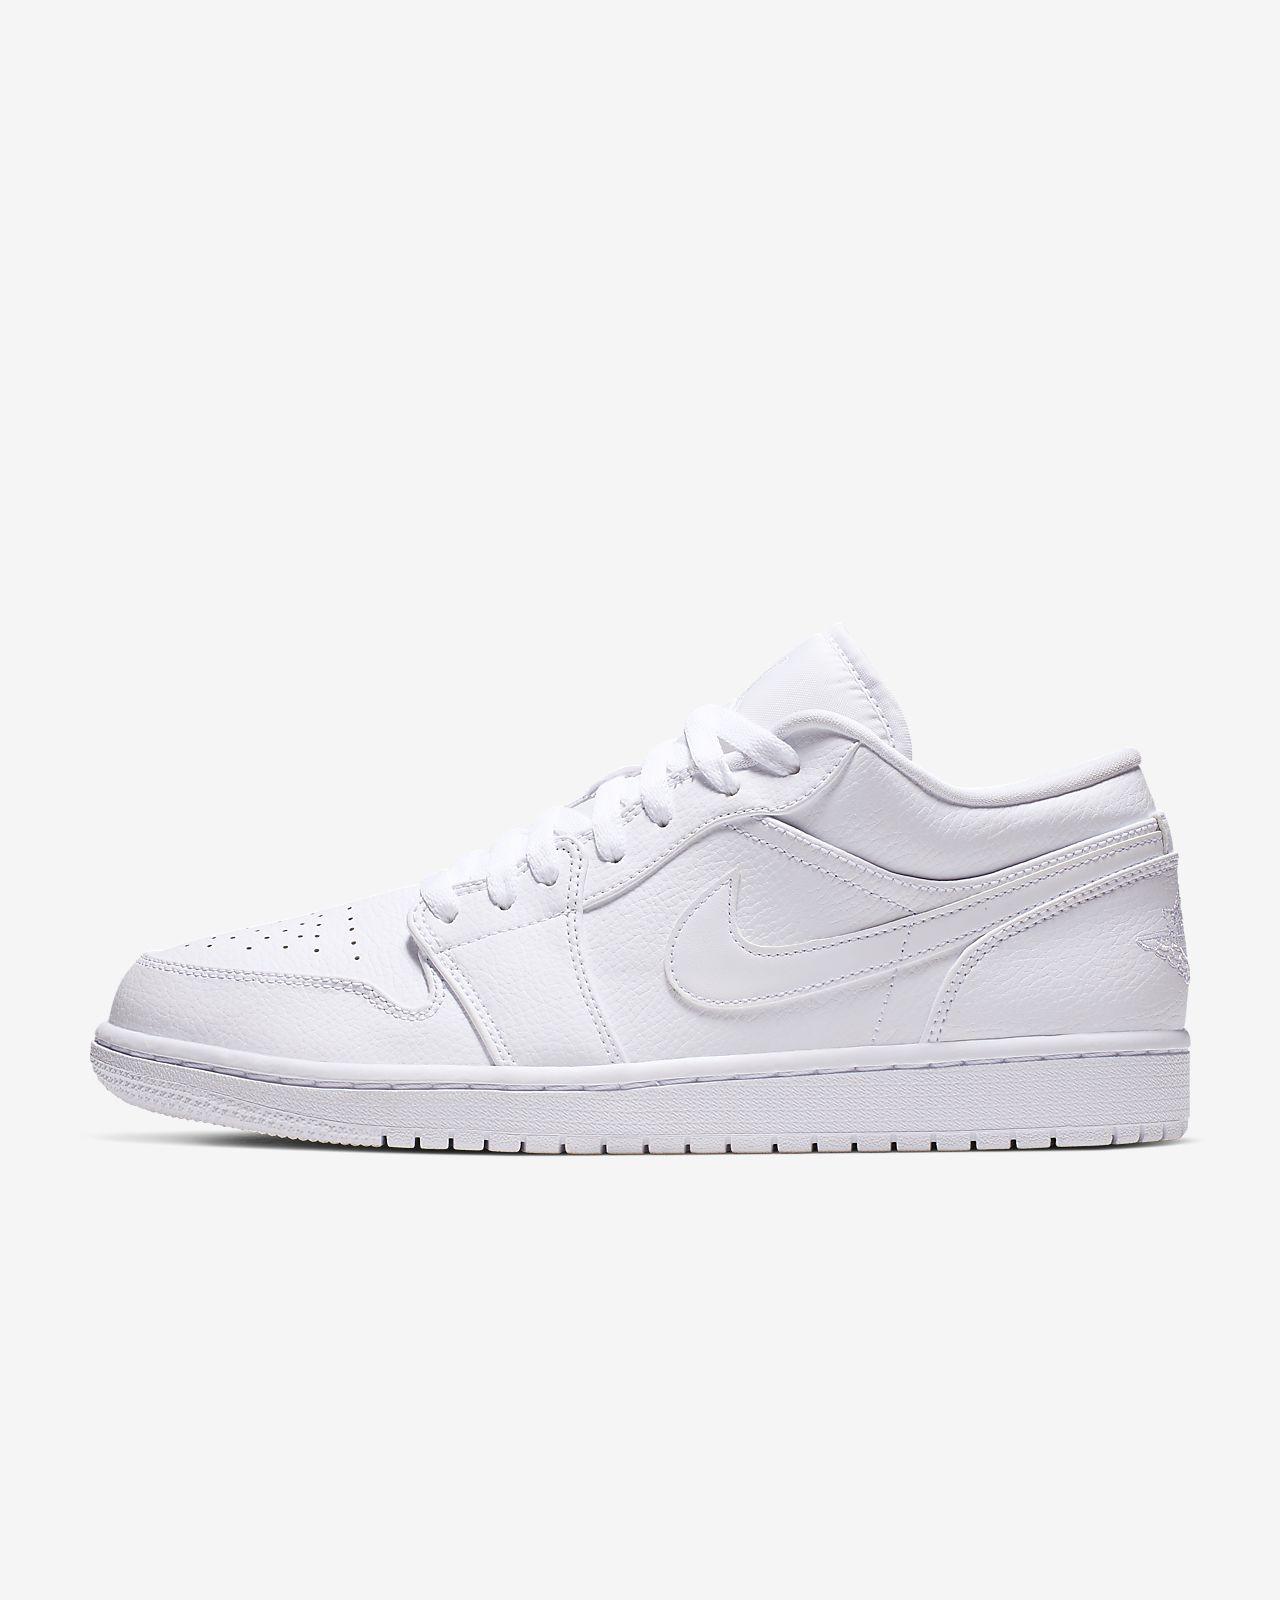 Air Jordan 1 低筒鞋款